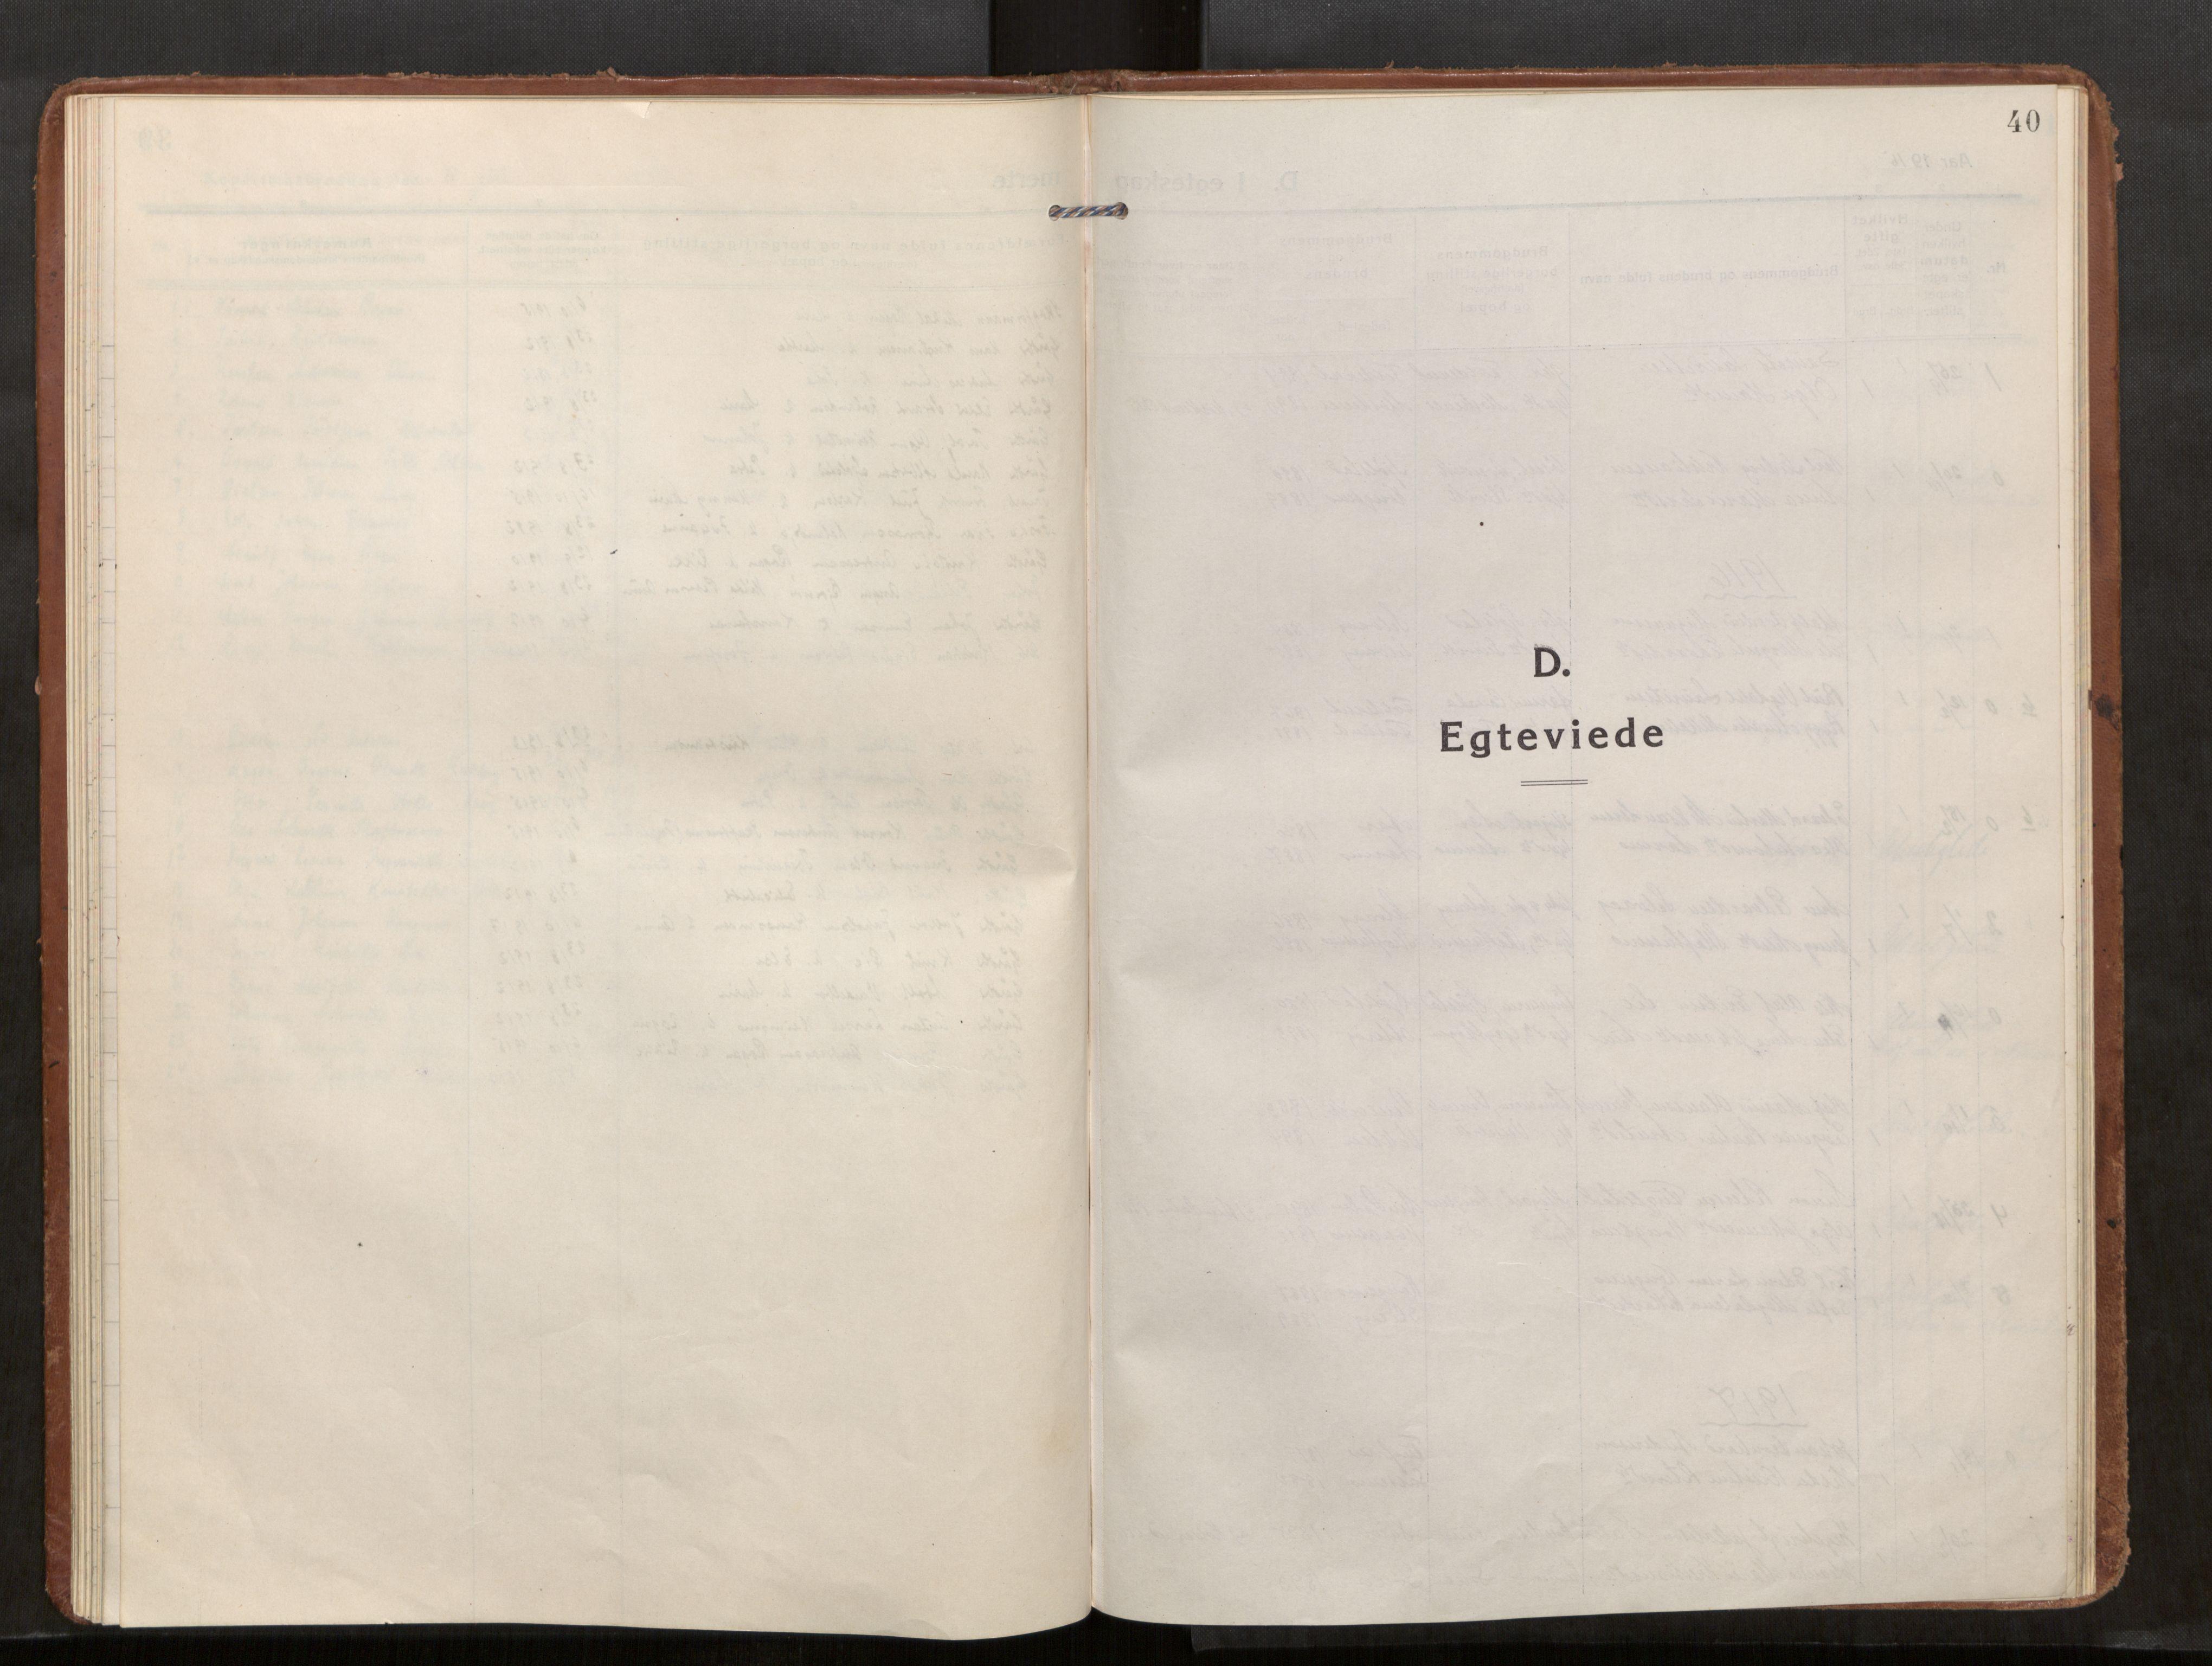 SAT, Kolvereid sokneprestkontor, H/Ha/Haa/L0002: Parish register (official) no. 2, 1914-1926, p. 40